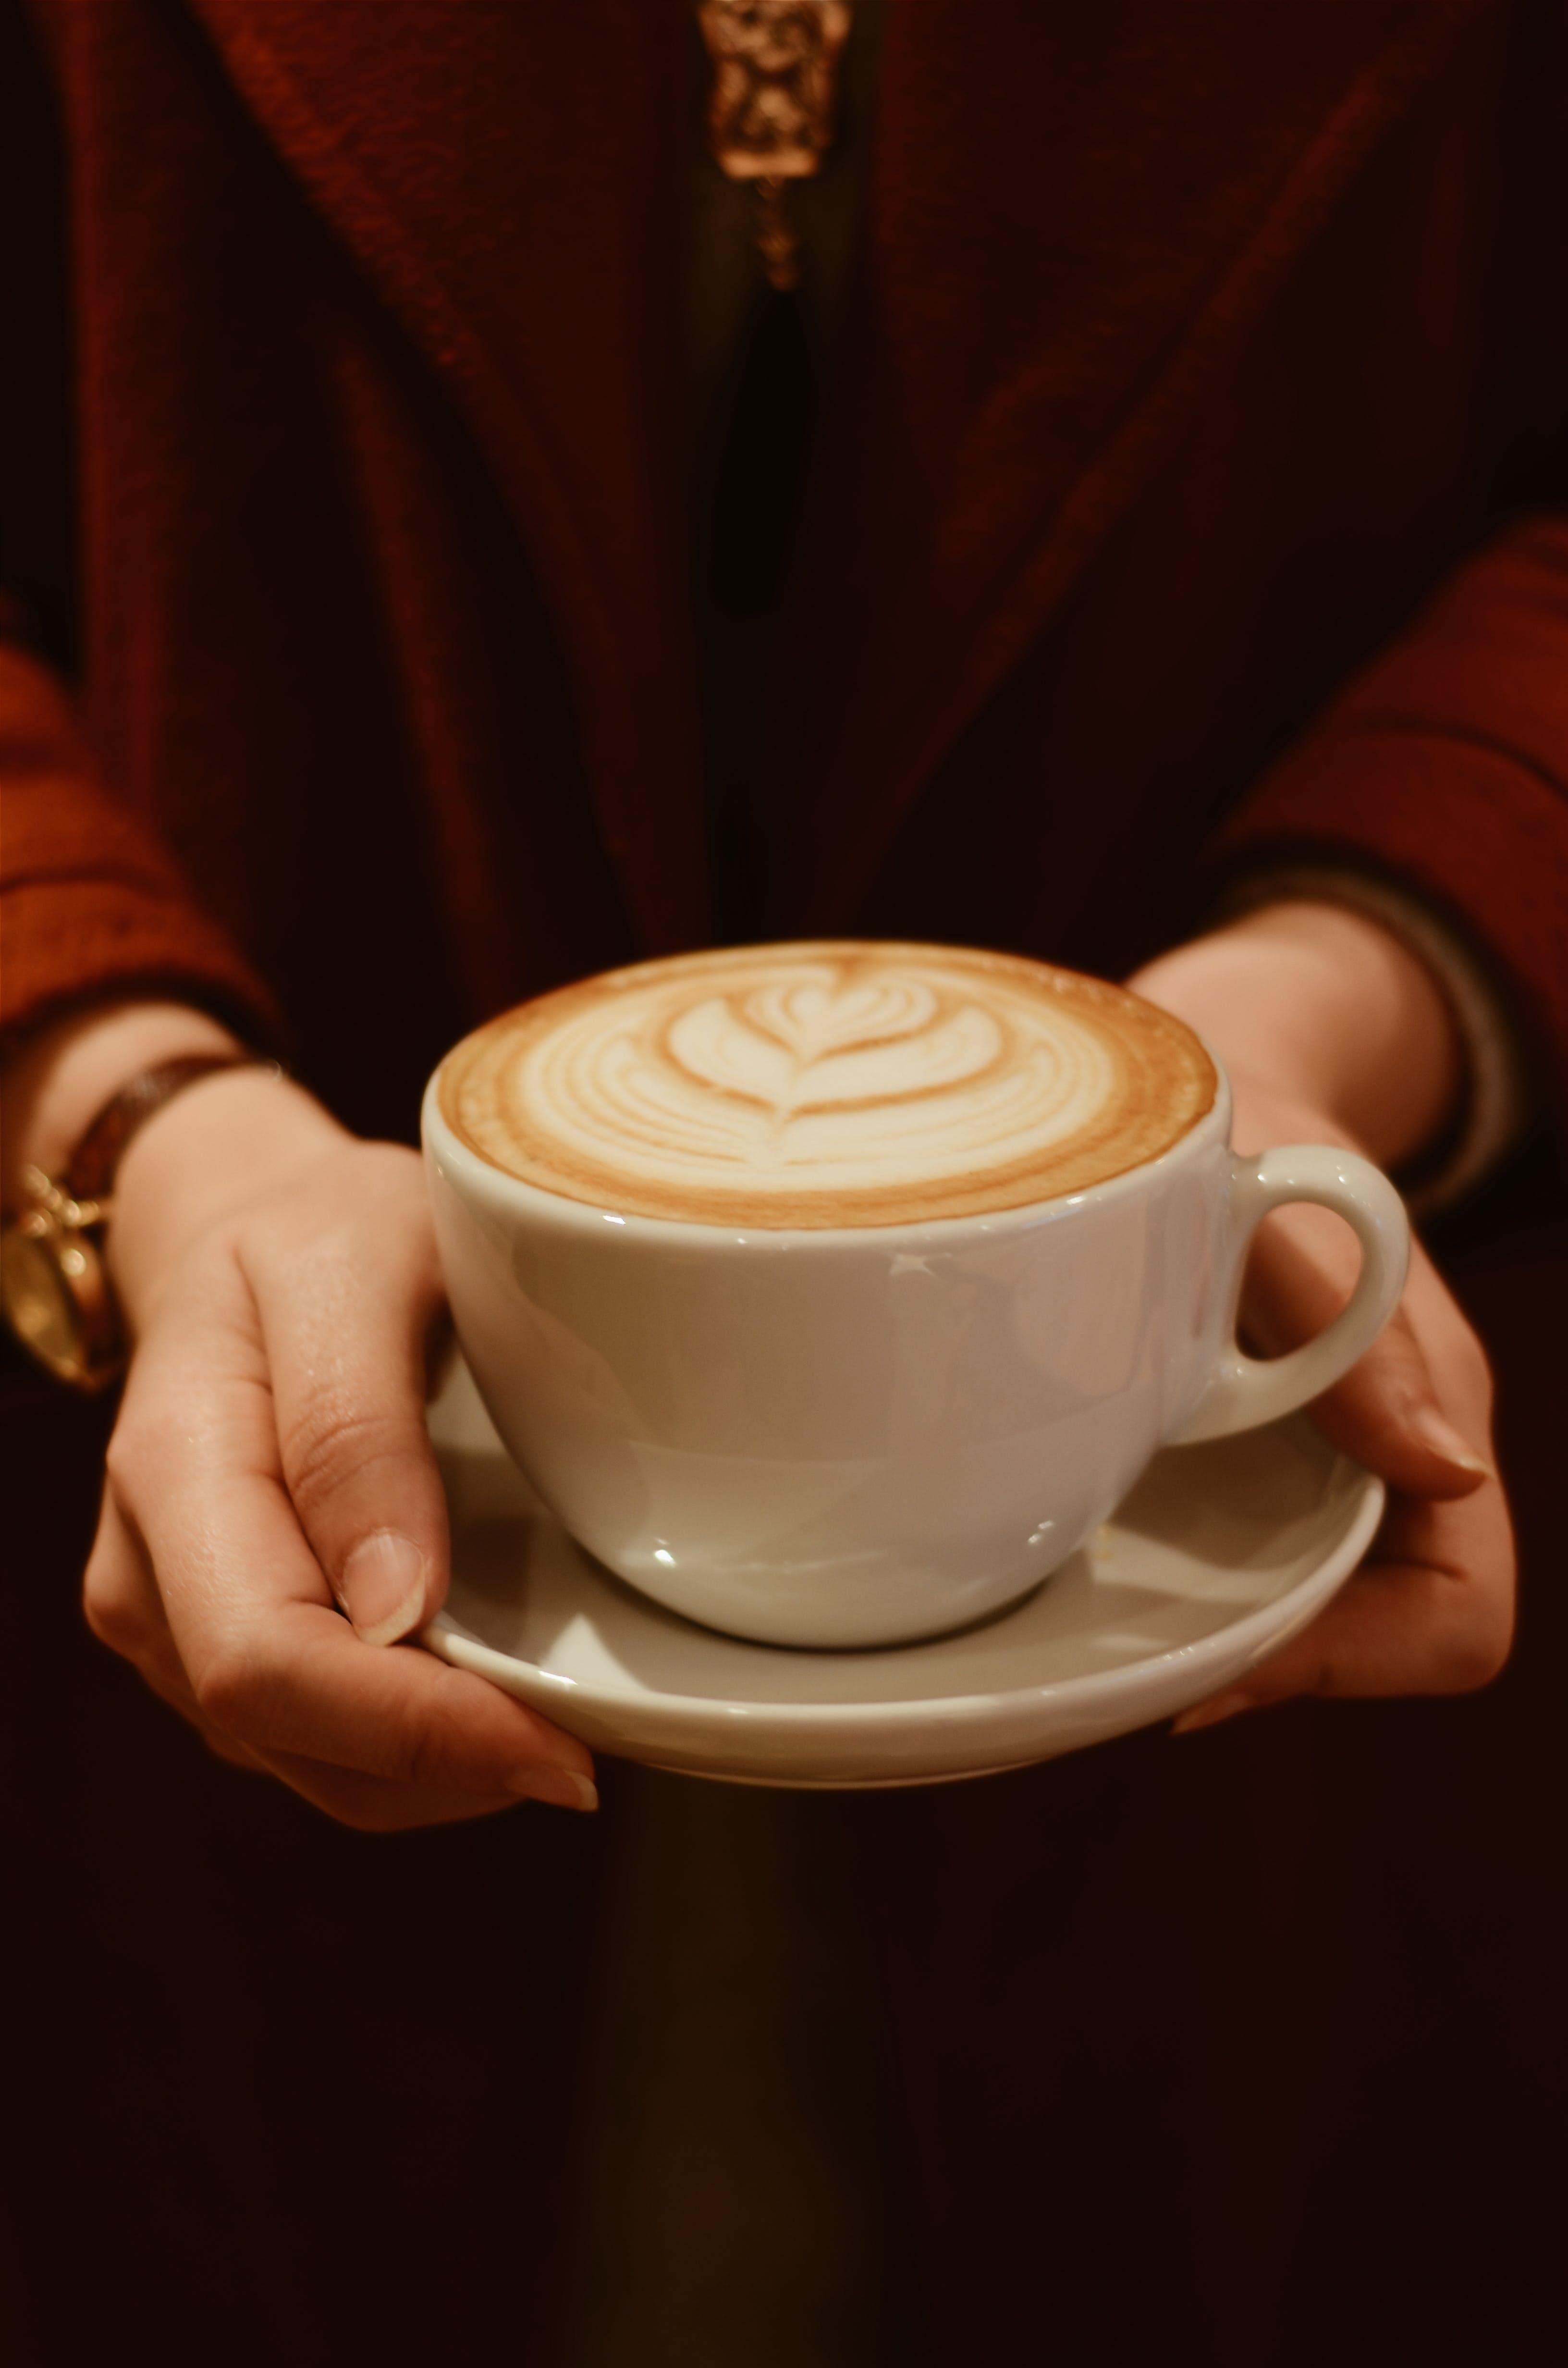 cappuccino, csésze kávé, csészealj